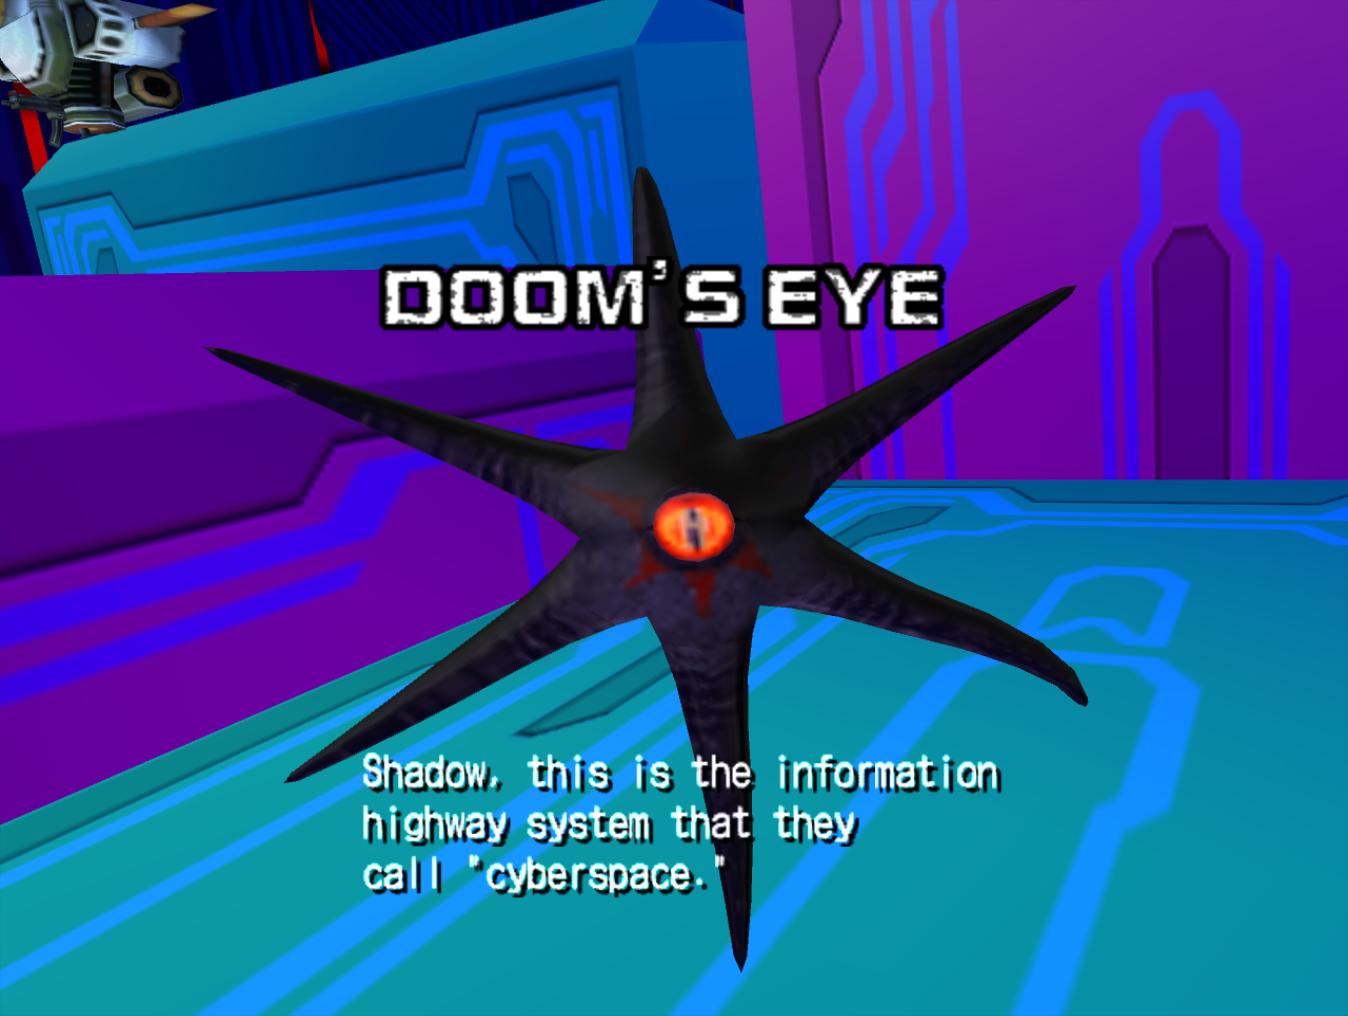 File:Doom's Eye - Digital Circuit.png